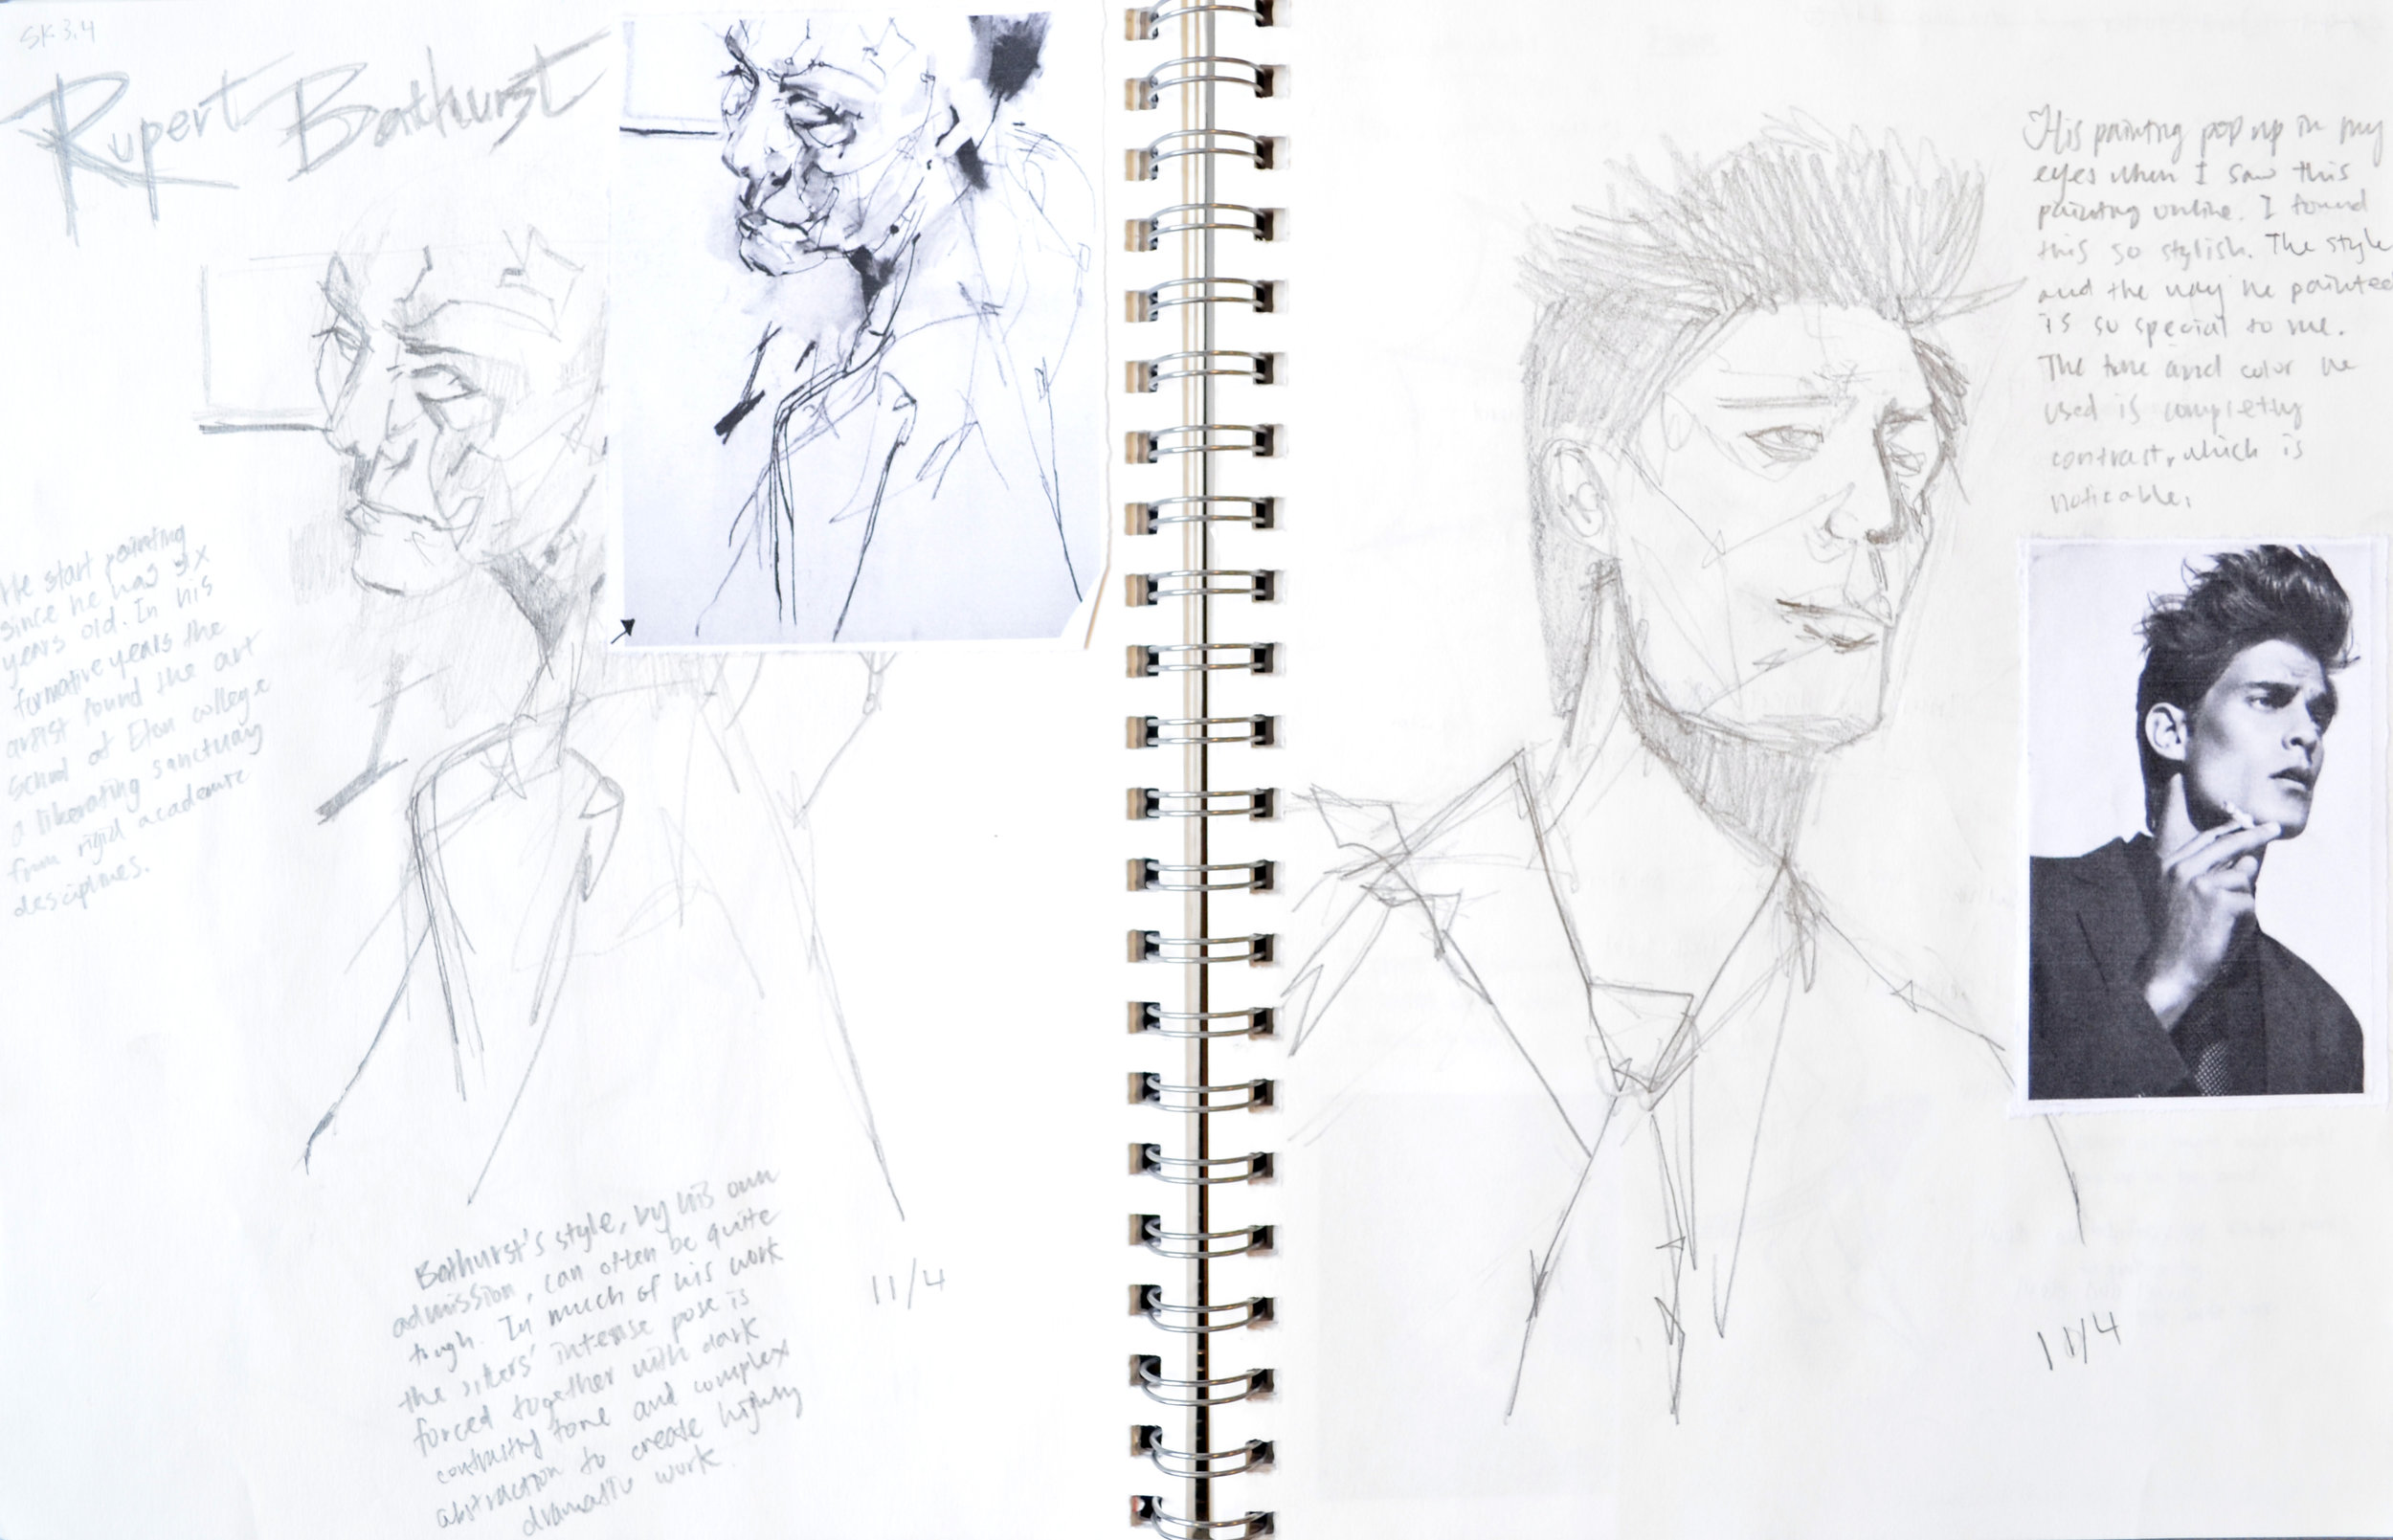 2015_spring art sketchbook 2.jpg